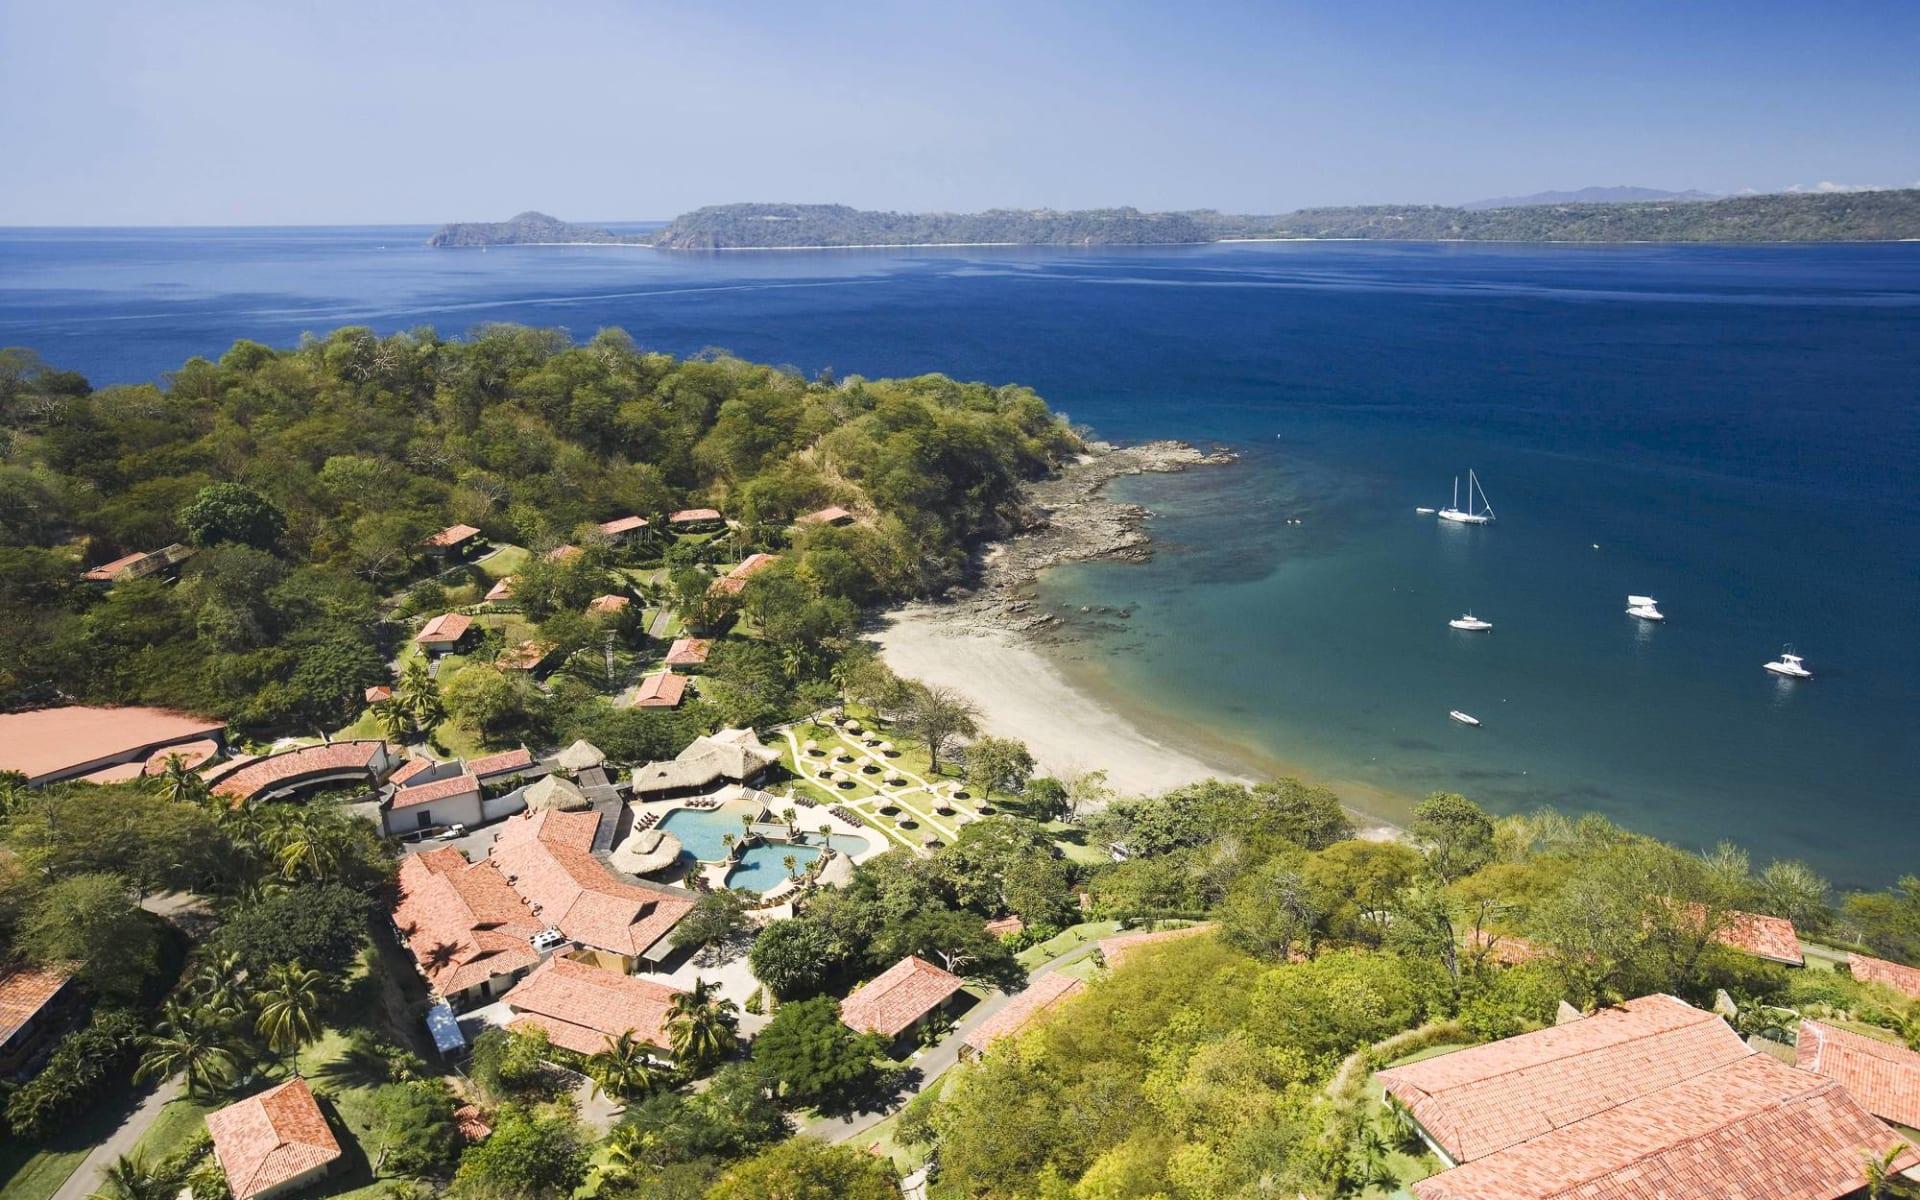 Secrets Papagayo Costa Rica in Playa Arenilla: exterior Secrets Papagayo - Resort View amresorts weblink